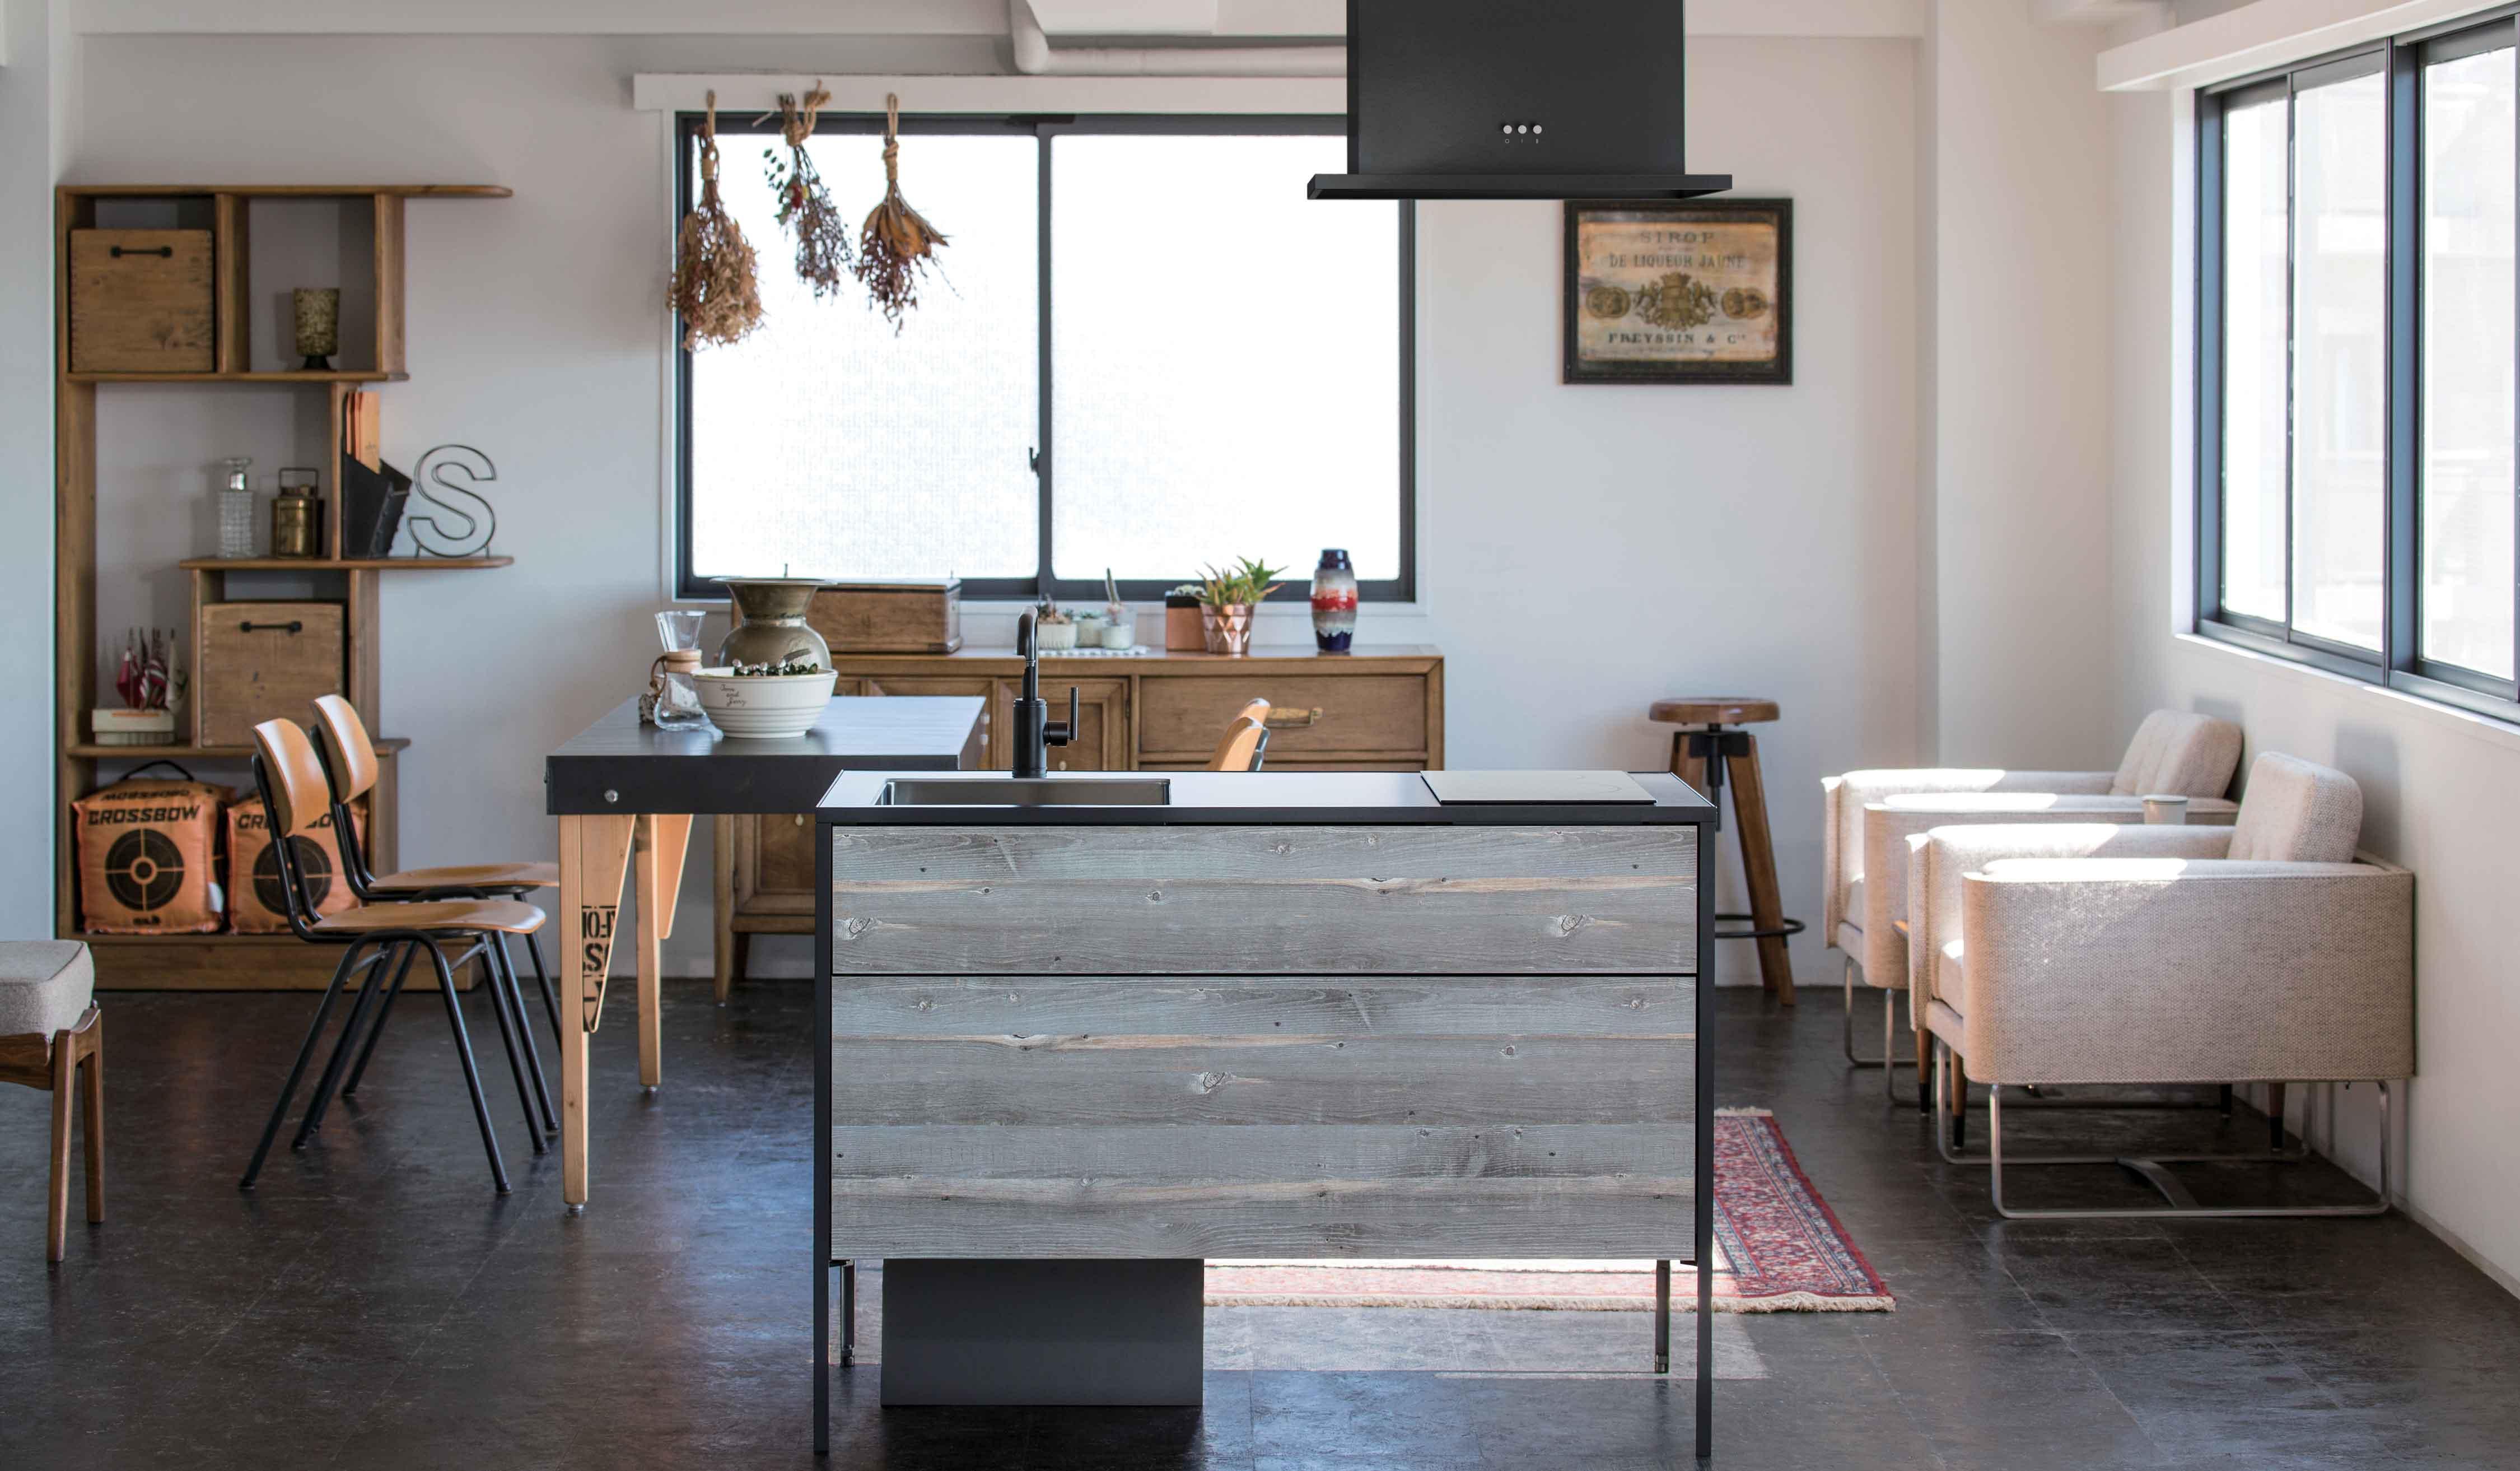 sanwacompany 現代のライフスタイルに応える、デザイン性の高いコンパクトキッチン